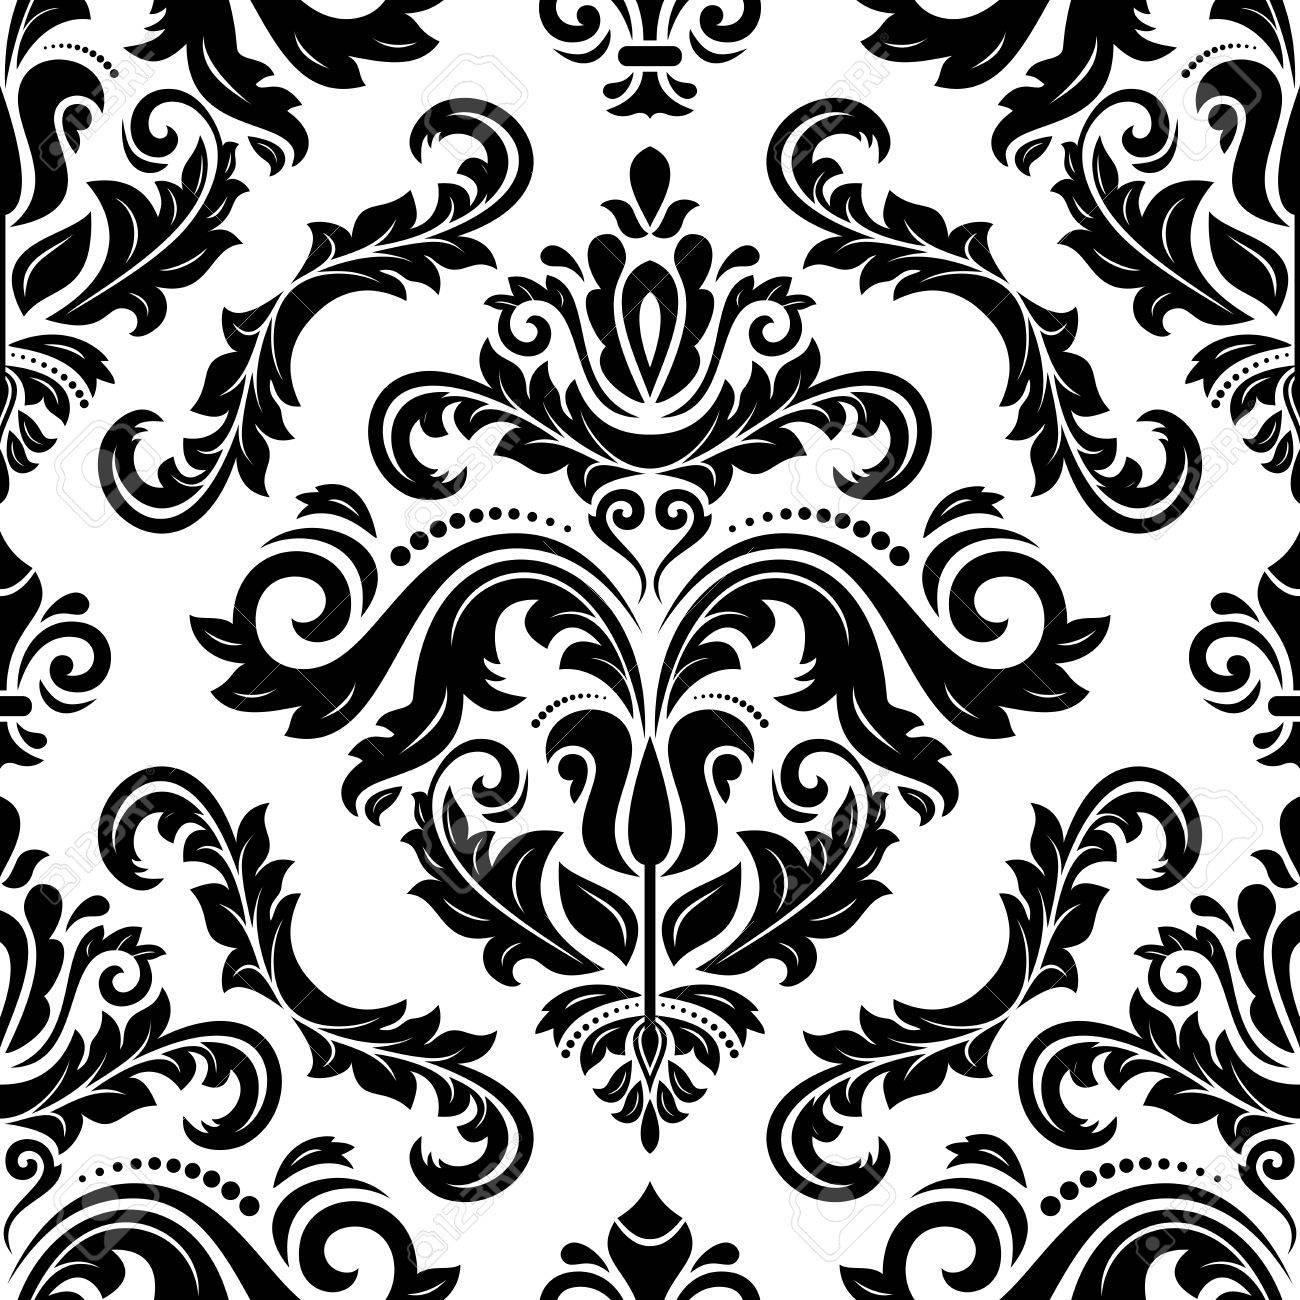 Vlies Tapete Barock Muster Ornament Glitzer 14